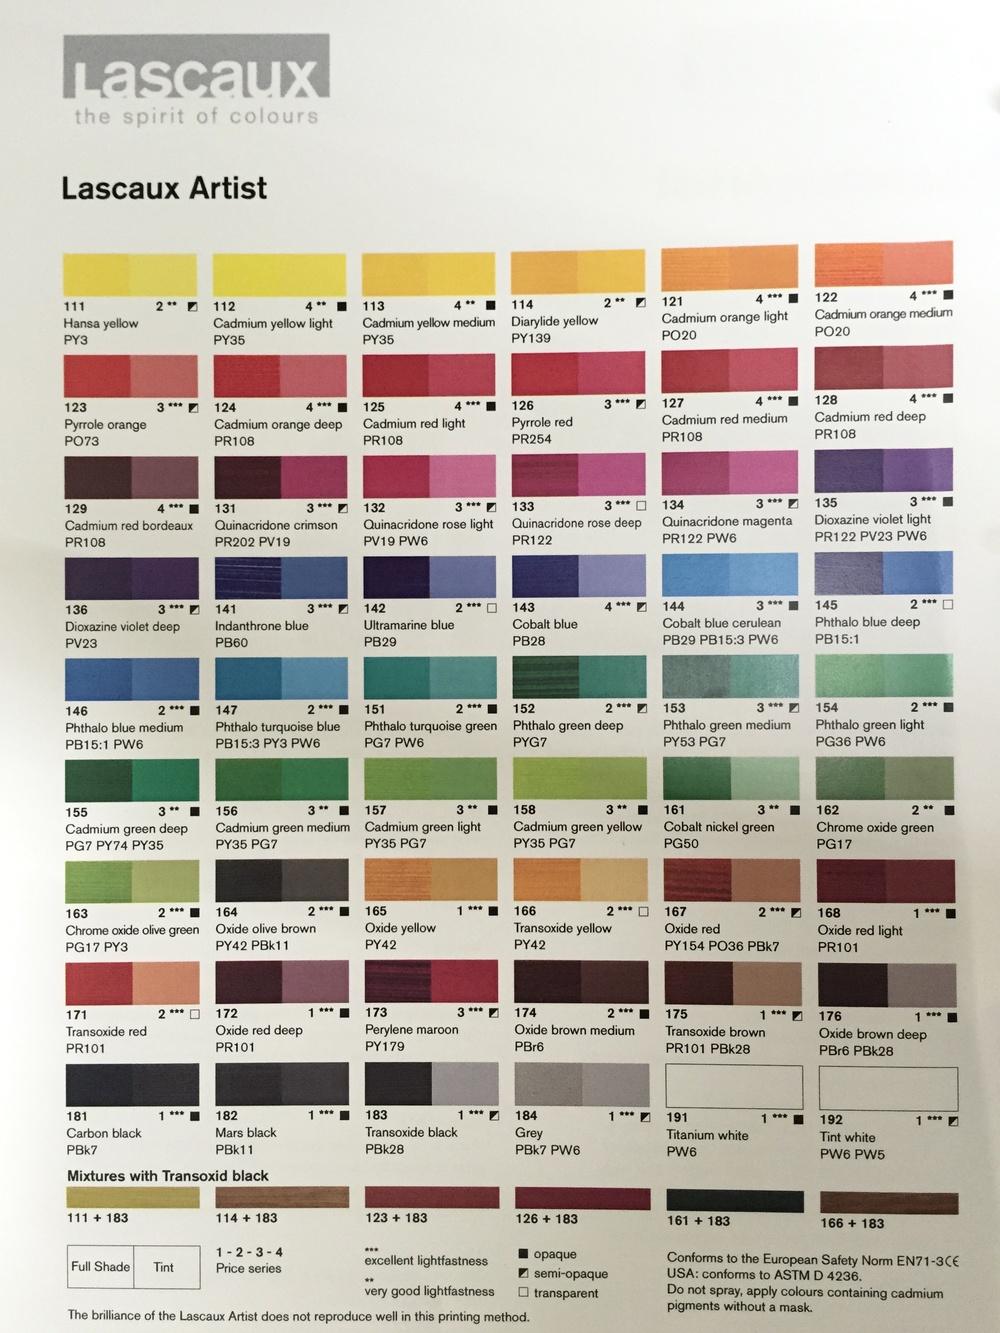 lascauxcolorchart.jpg